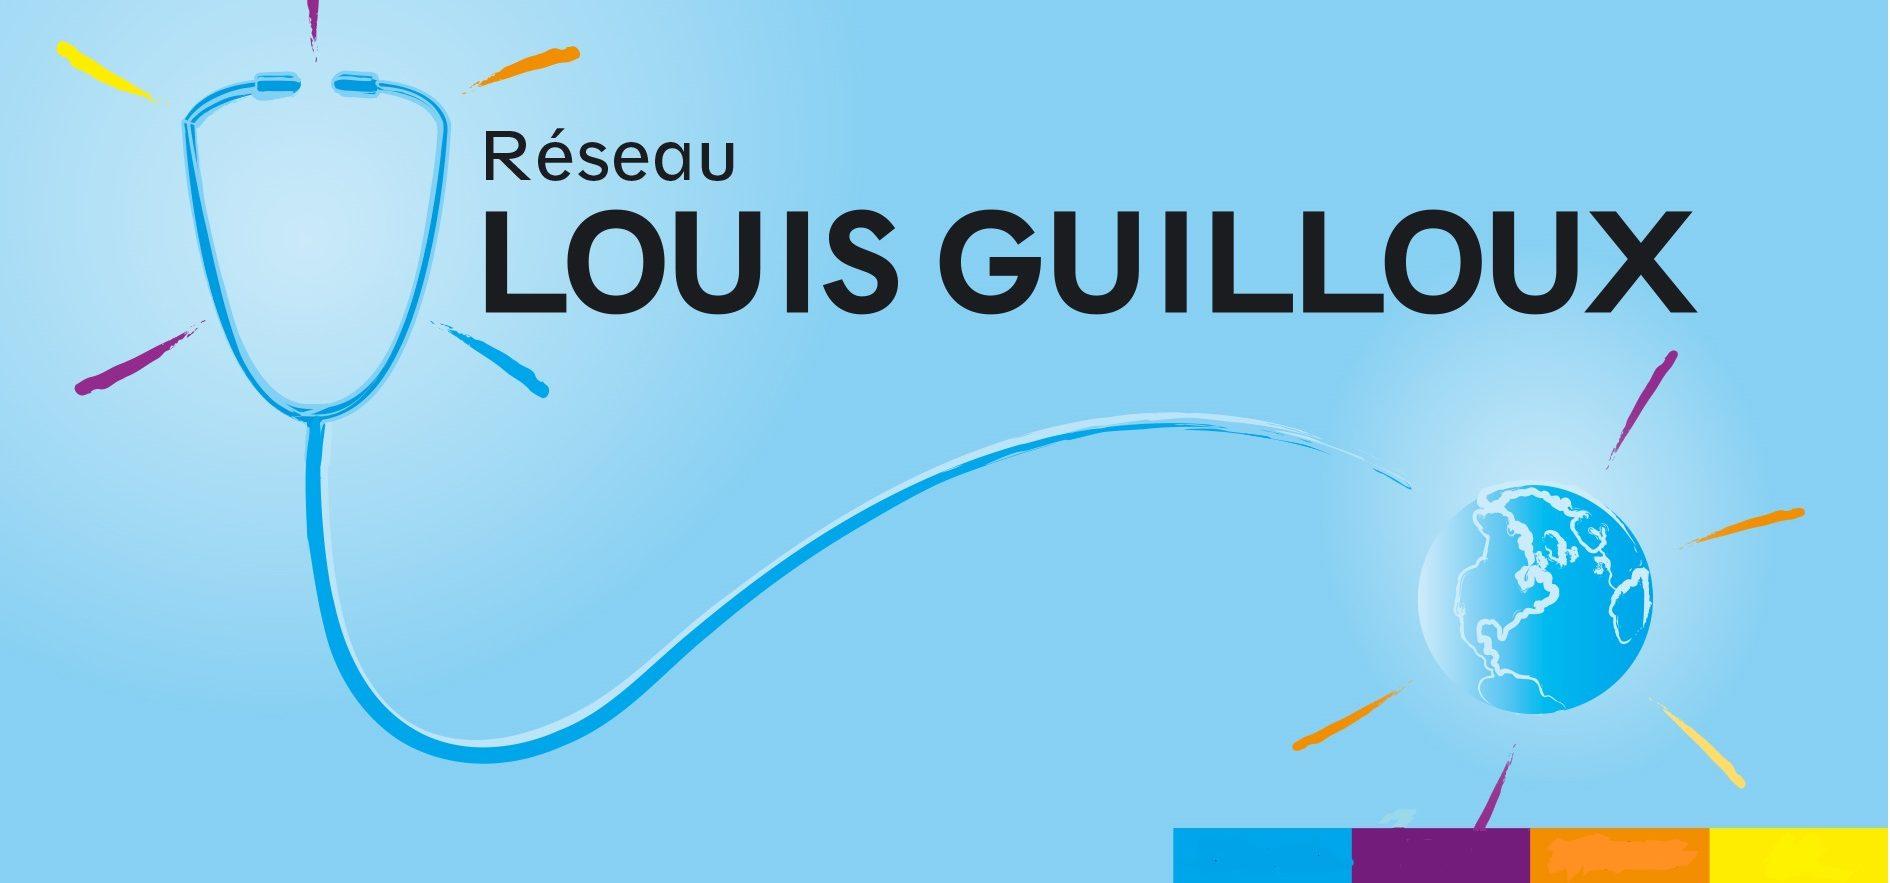 Le réseau Louis Guilloux